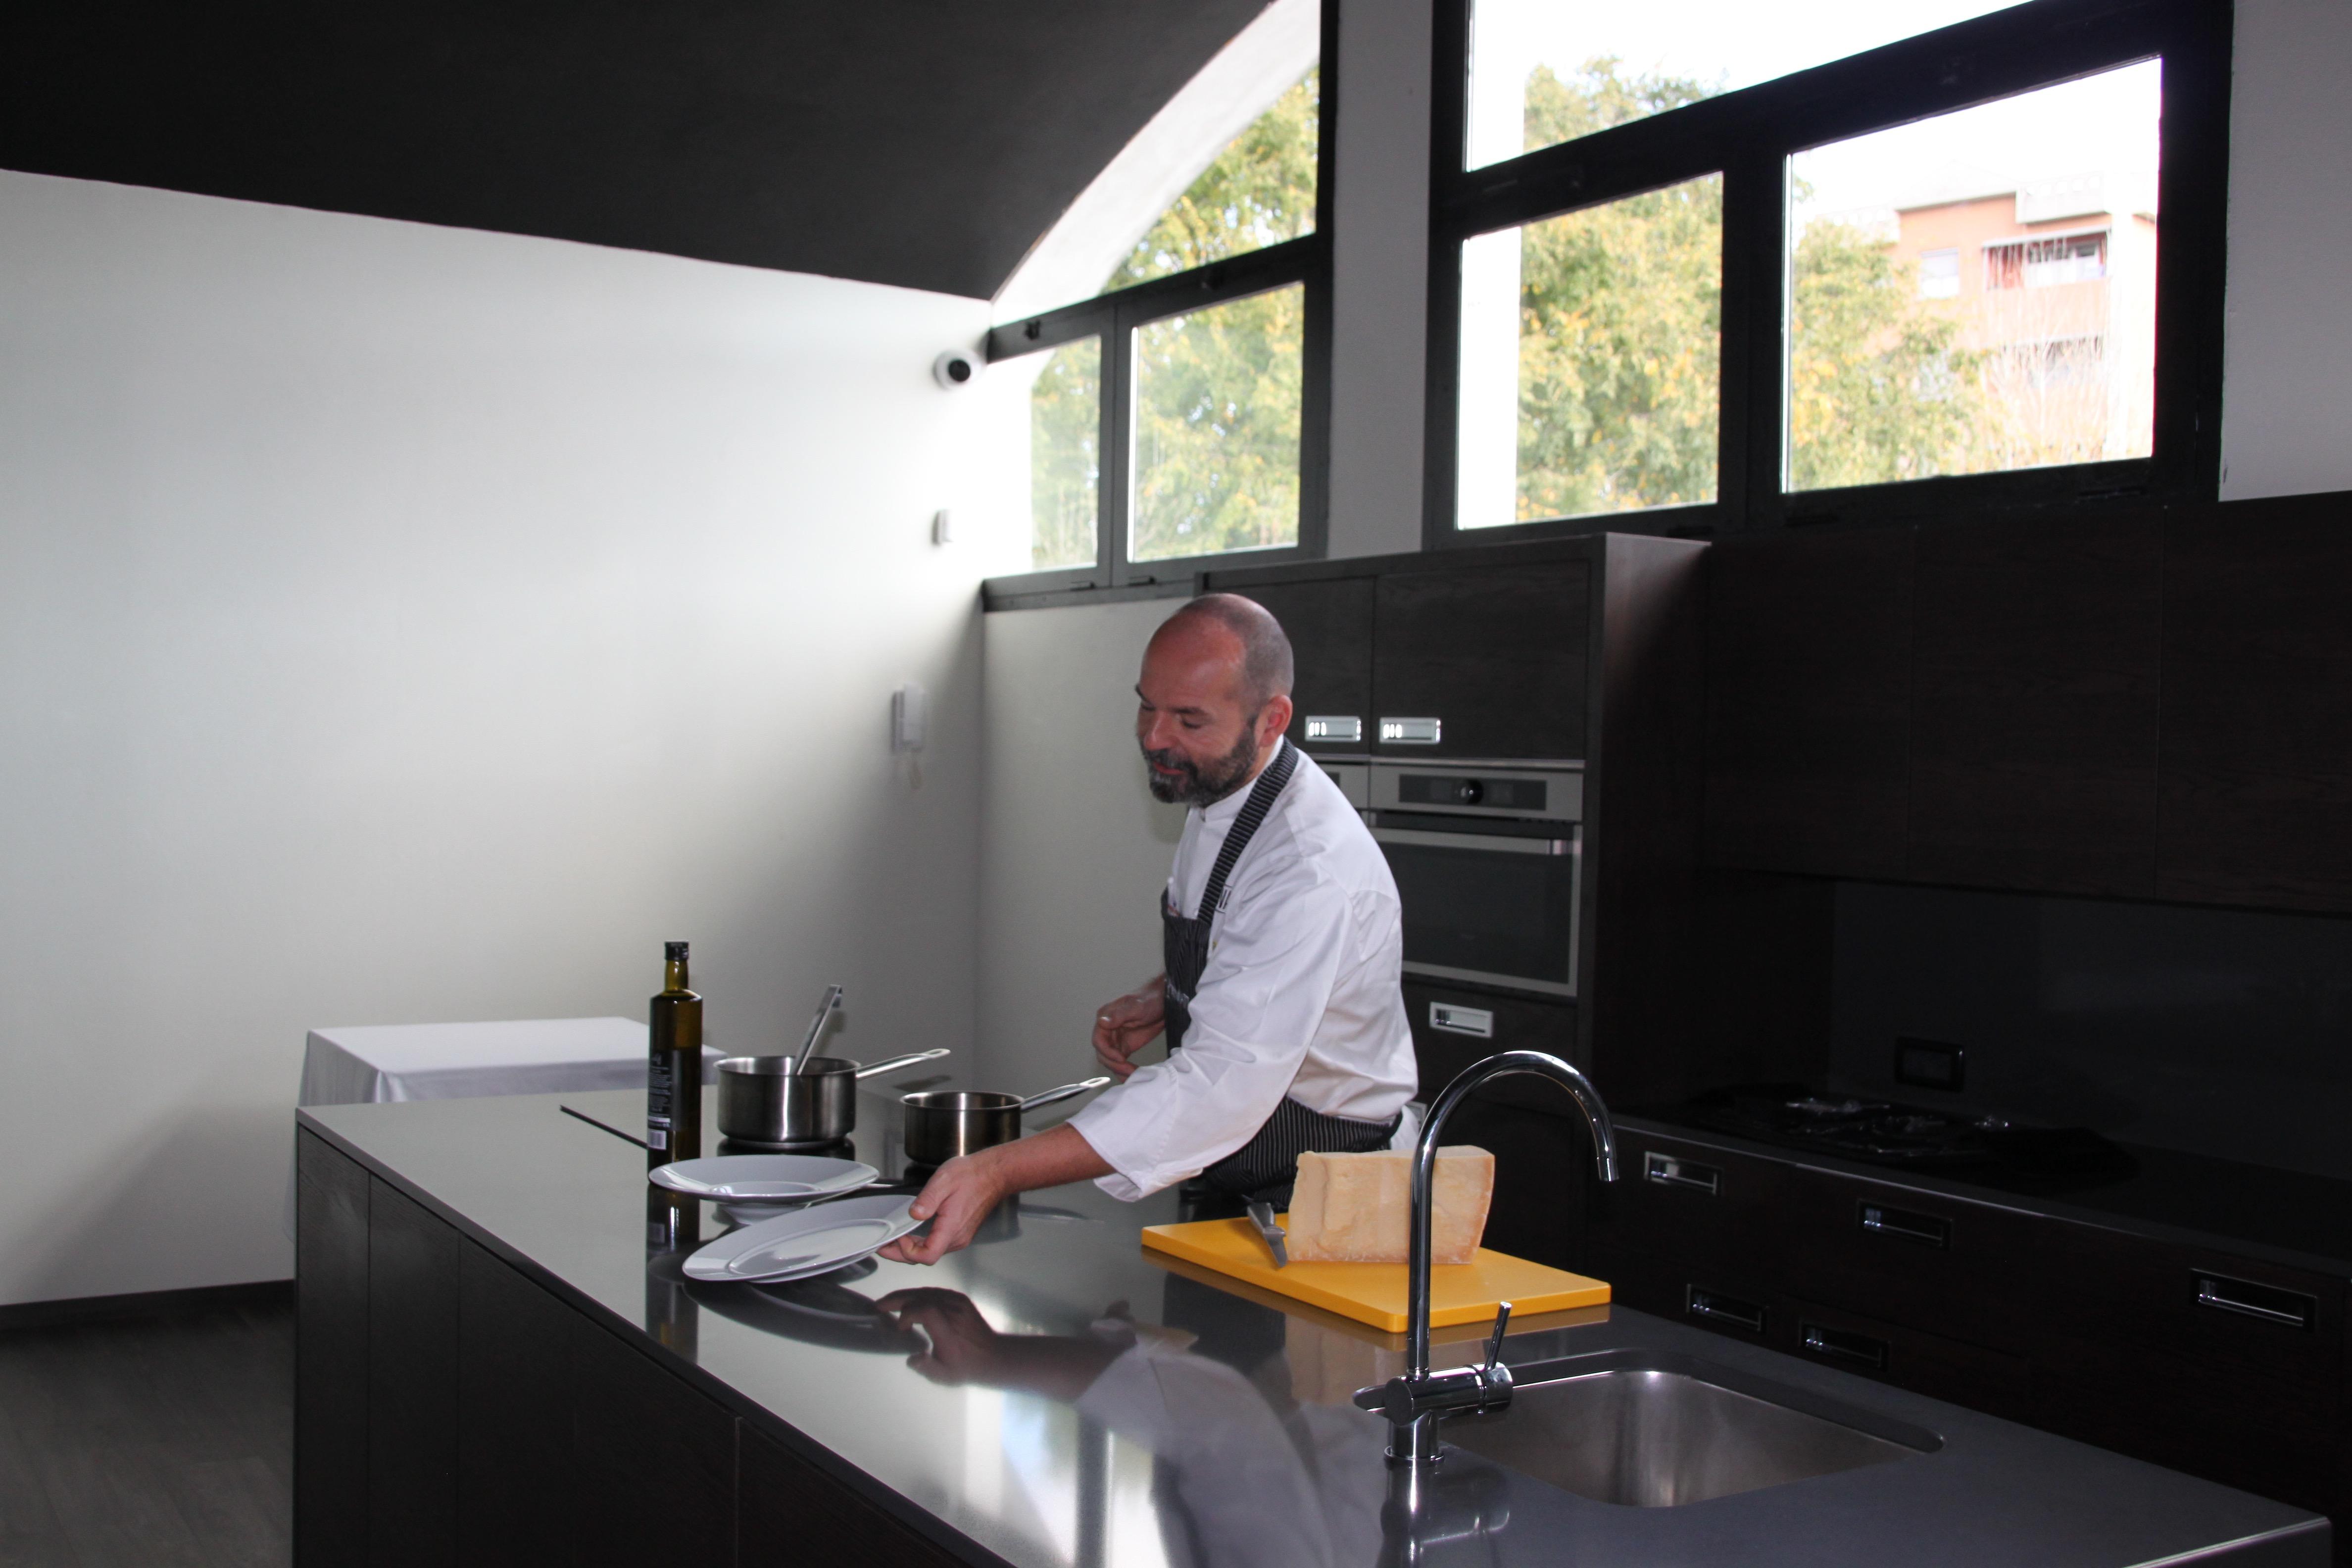 A febbraio e marzo i corsi di cucina del parma quality - Corsi di cucina parma ...